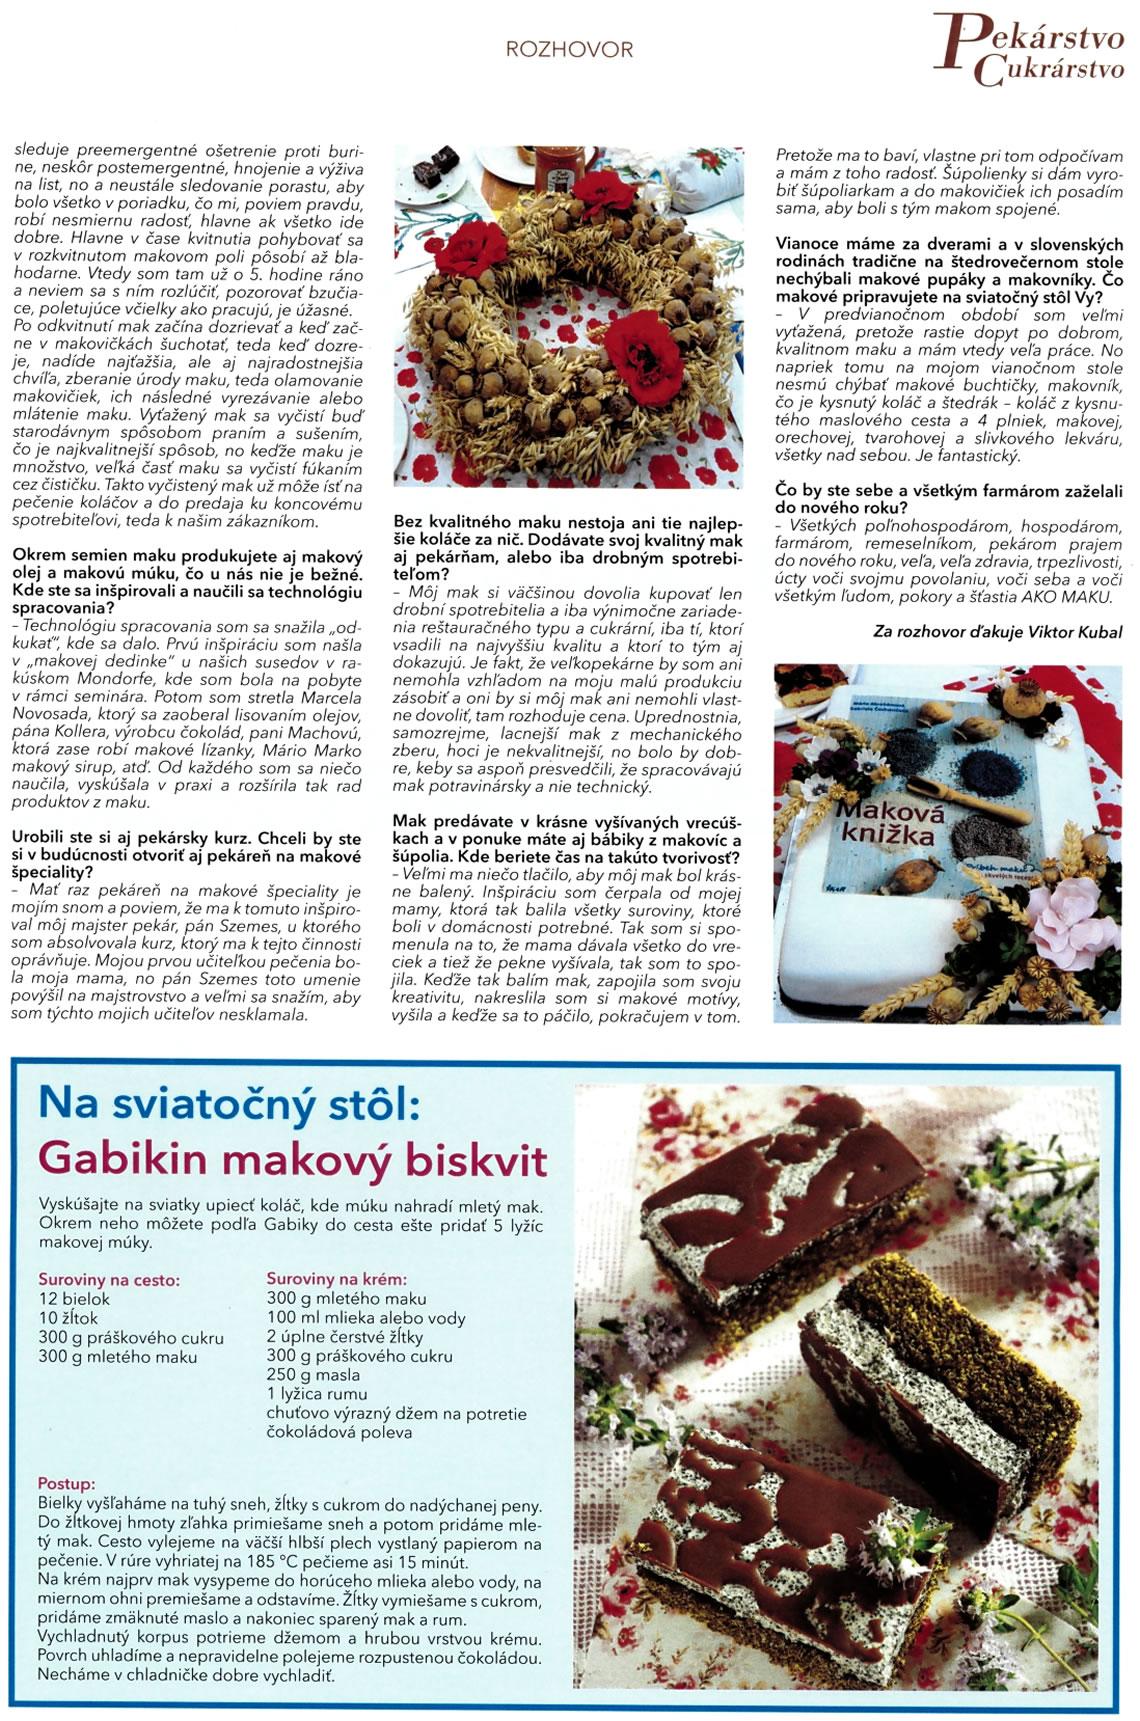 Mak z Jarnej - Gabriela Čechovičová -Pekárstvo Cukrárstvo , vydanie 06.2017